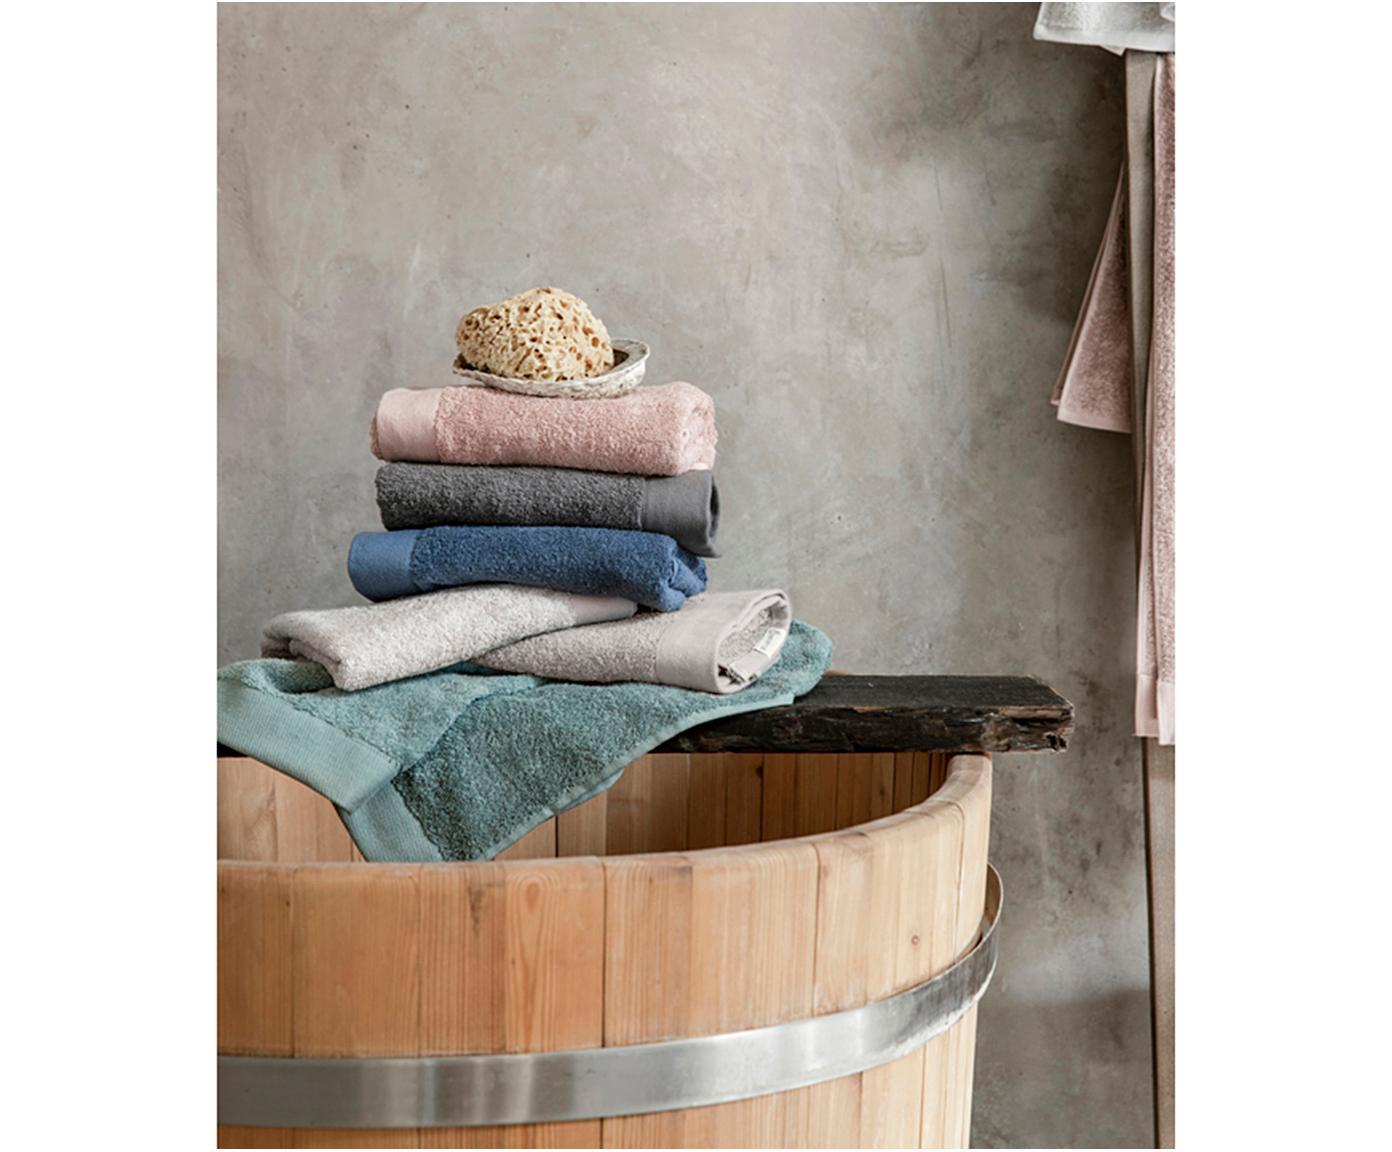 Asciugamano in cotone misto riciclato Blend, 65% cotone riciclato, 35% poliestere riciclato, Grigio chiaro, Asciugamano per ospiti